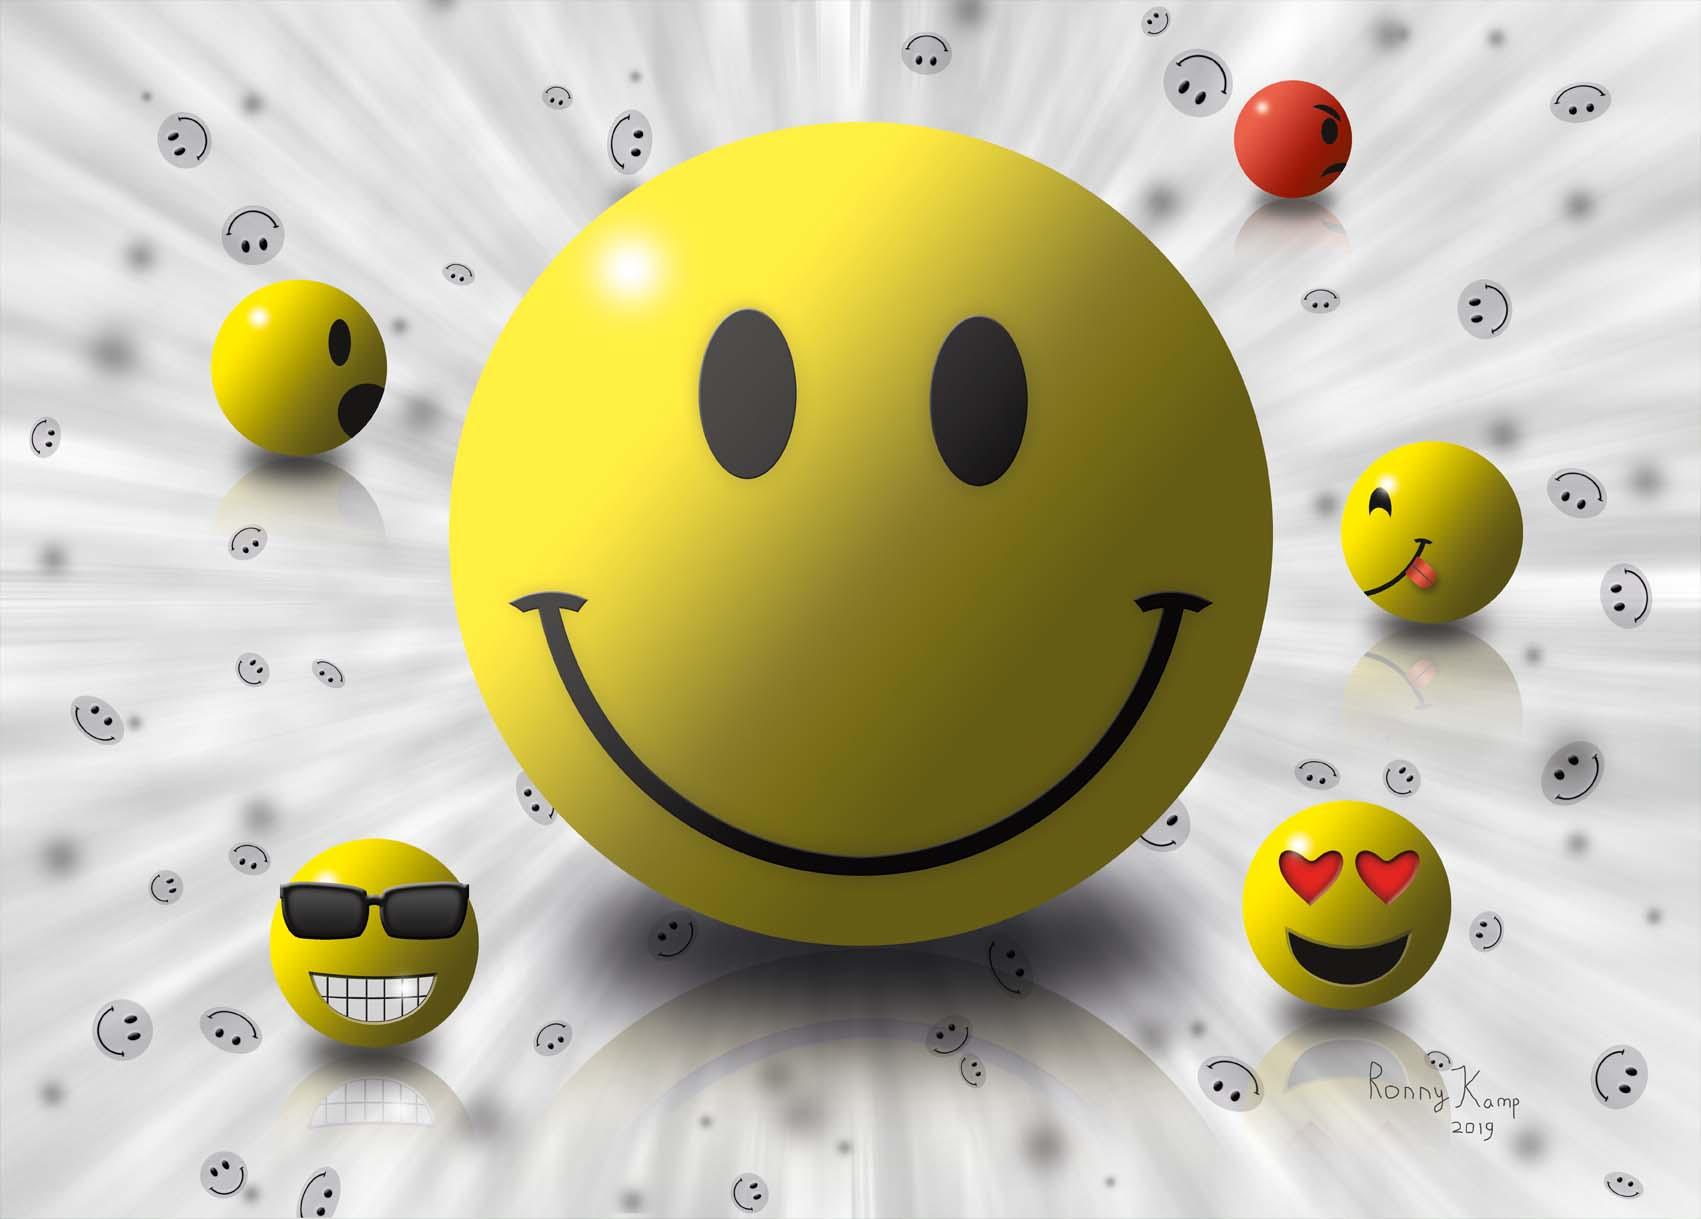 Vier lachende gezichtjes en ��n boze. Vooral vrolijkheid in dit werk. Het boze gezichtje op de achtergrond is misschien niet zo leuk maar zorg er wel voor dat het vrolijke meer gewaardeerd wordt.